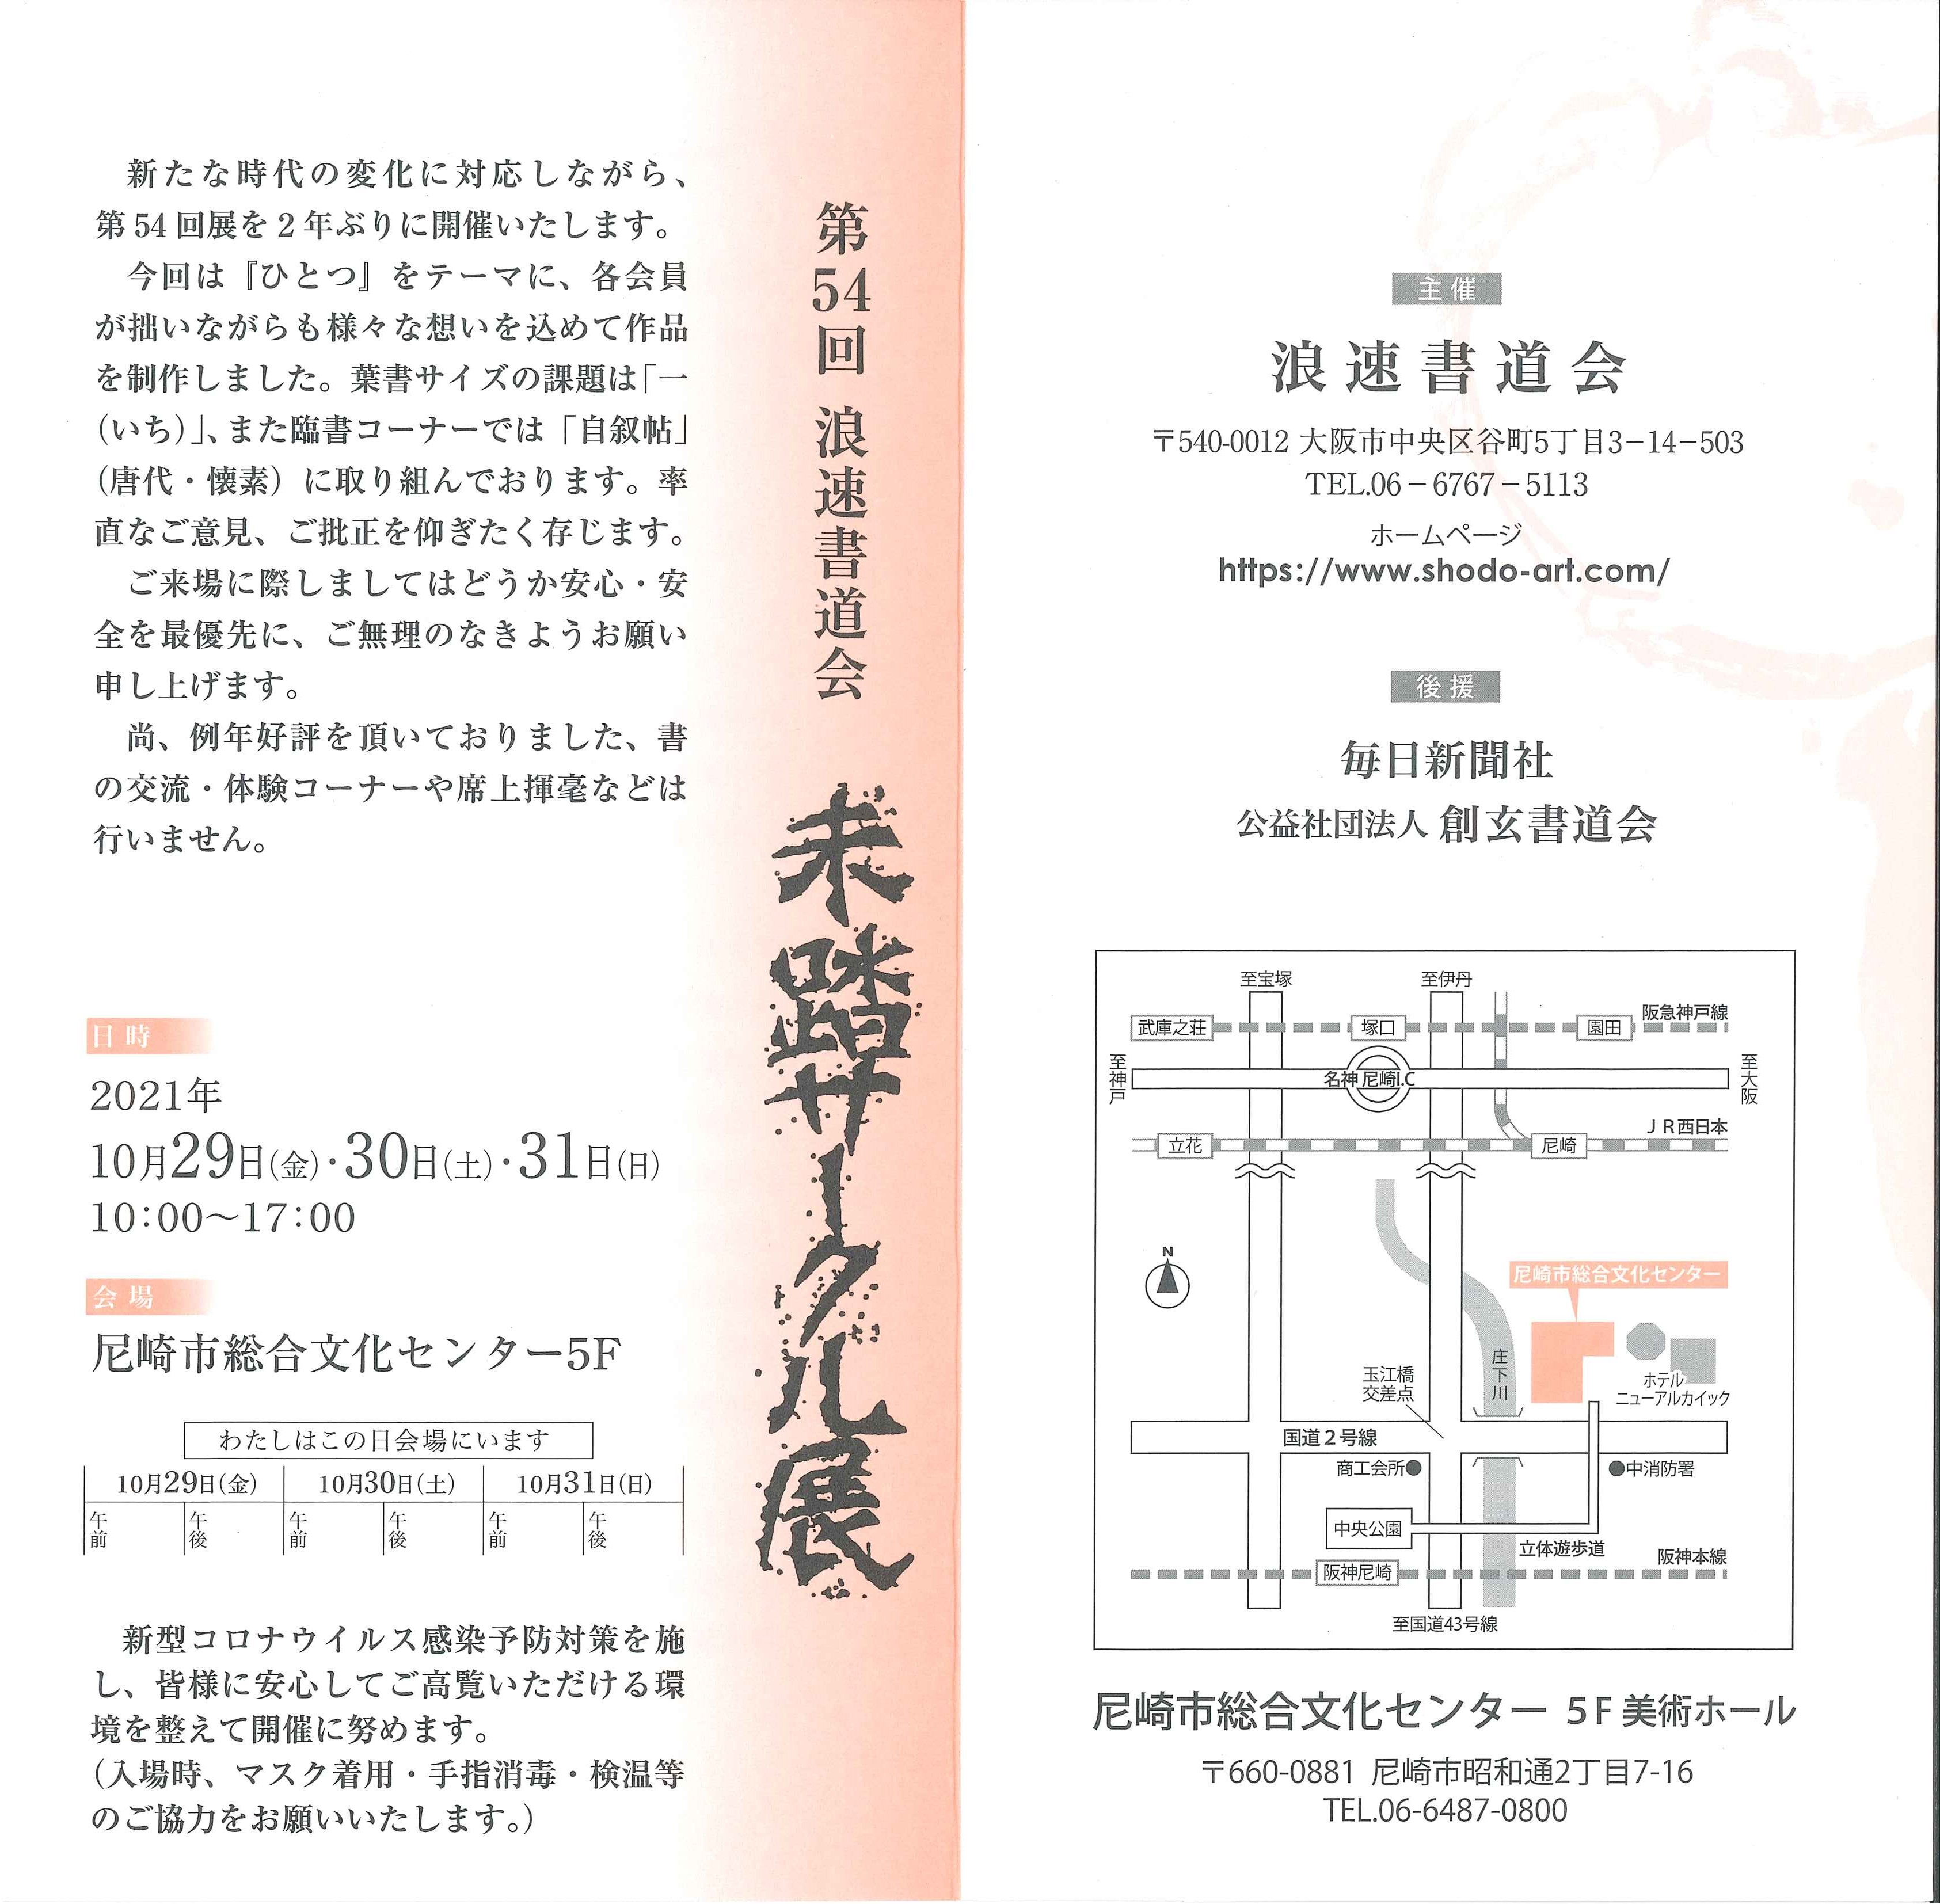 http://www.sogen.or.jp/letter/2021/09/07/20210907162204483_0001.jpg